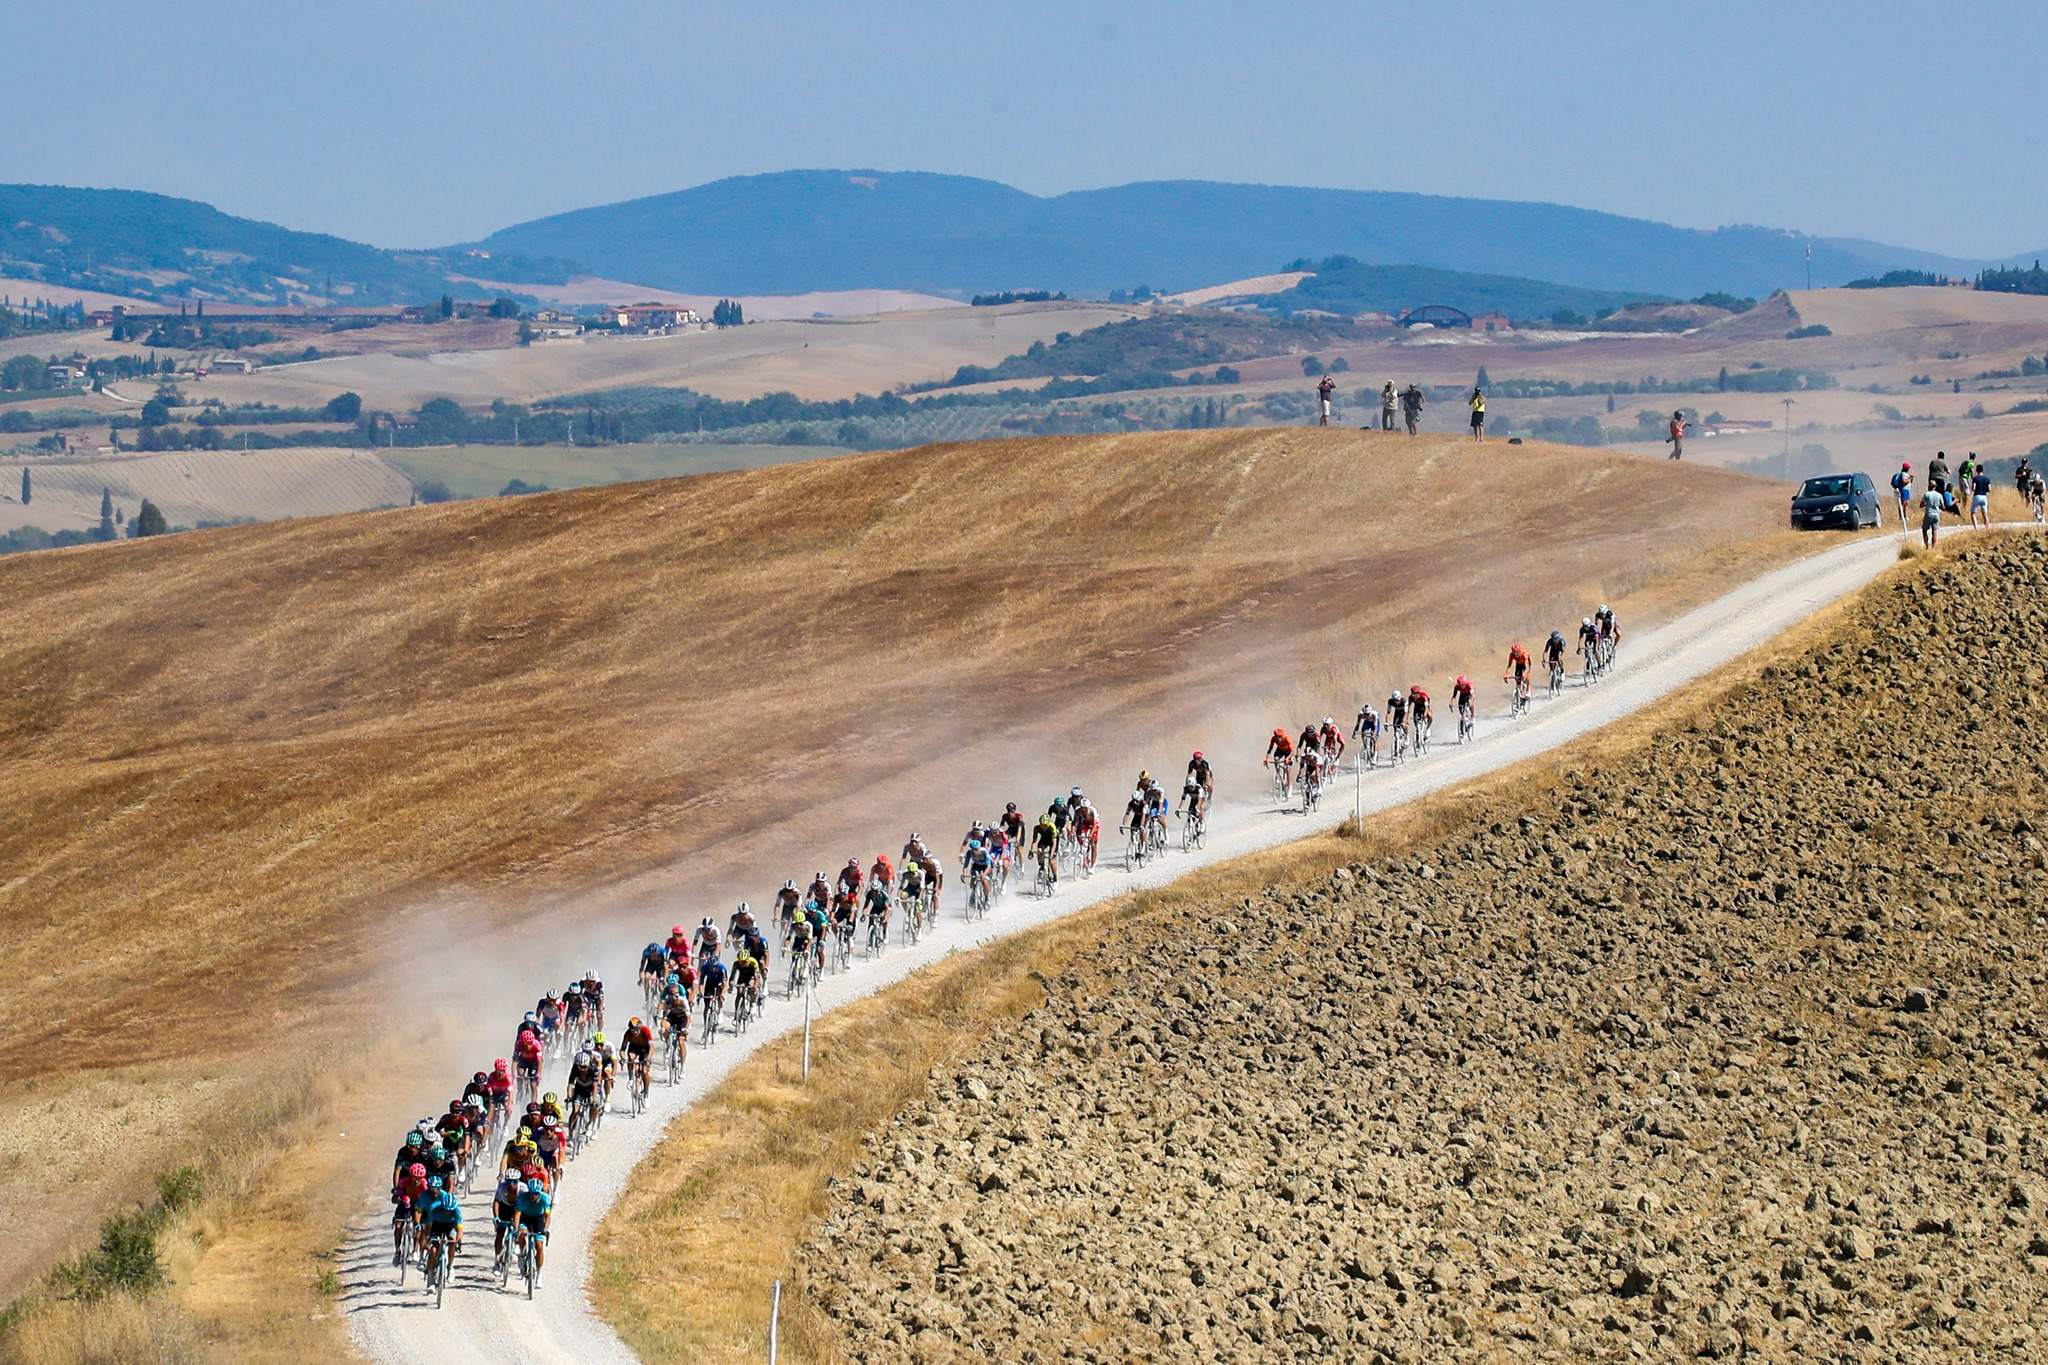 La liste des coureurs engagés des Strade Bianche 2021 - TodayCycling